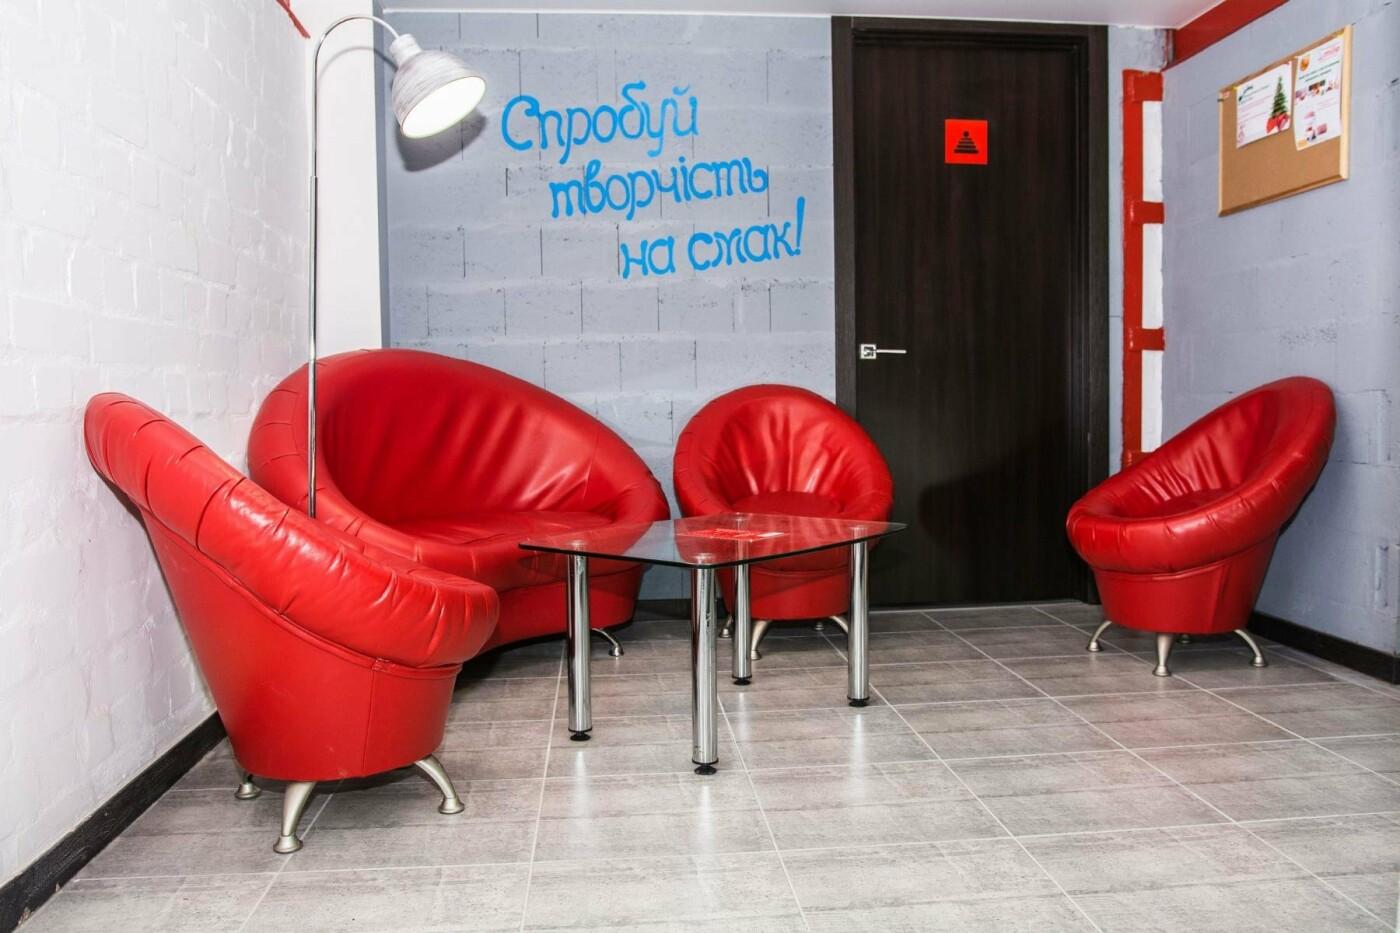 Как выбрать центр раннего развития в Киеве для своего ребенка?, фото-28